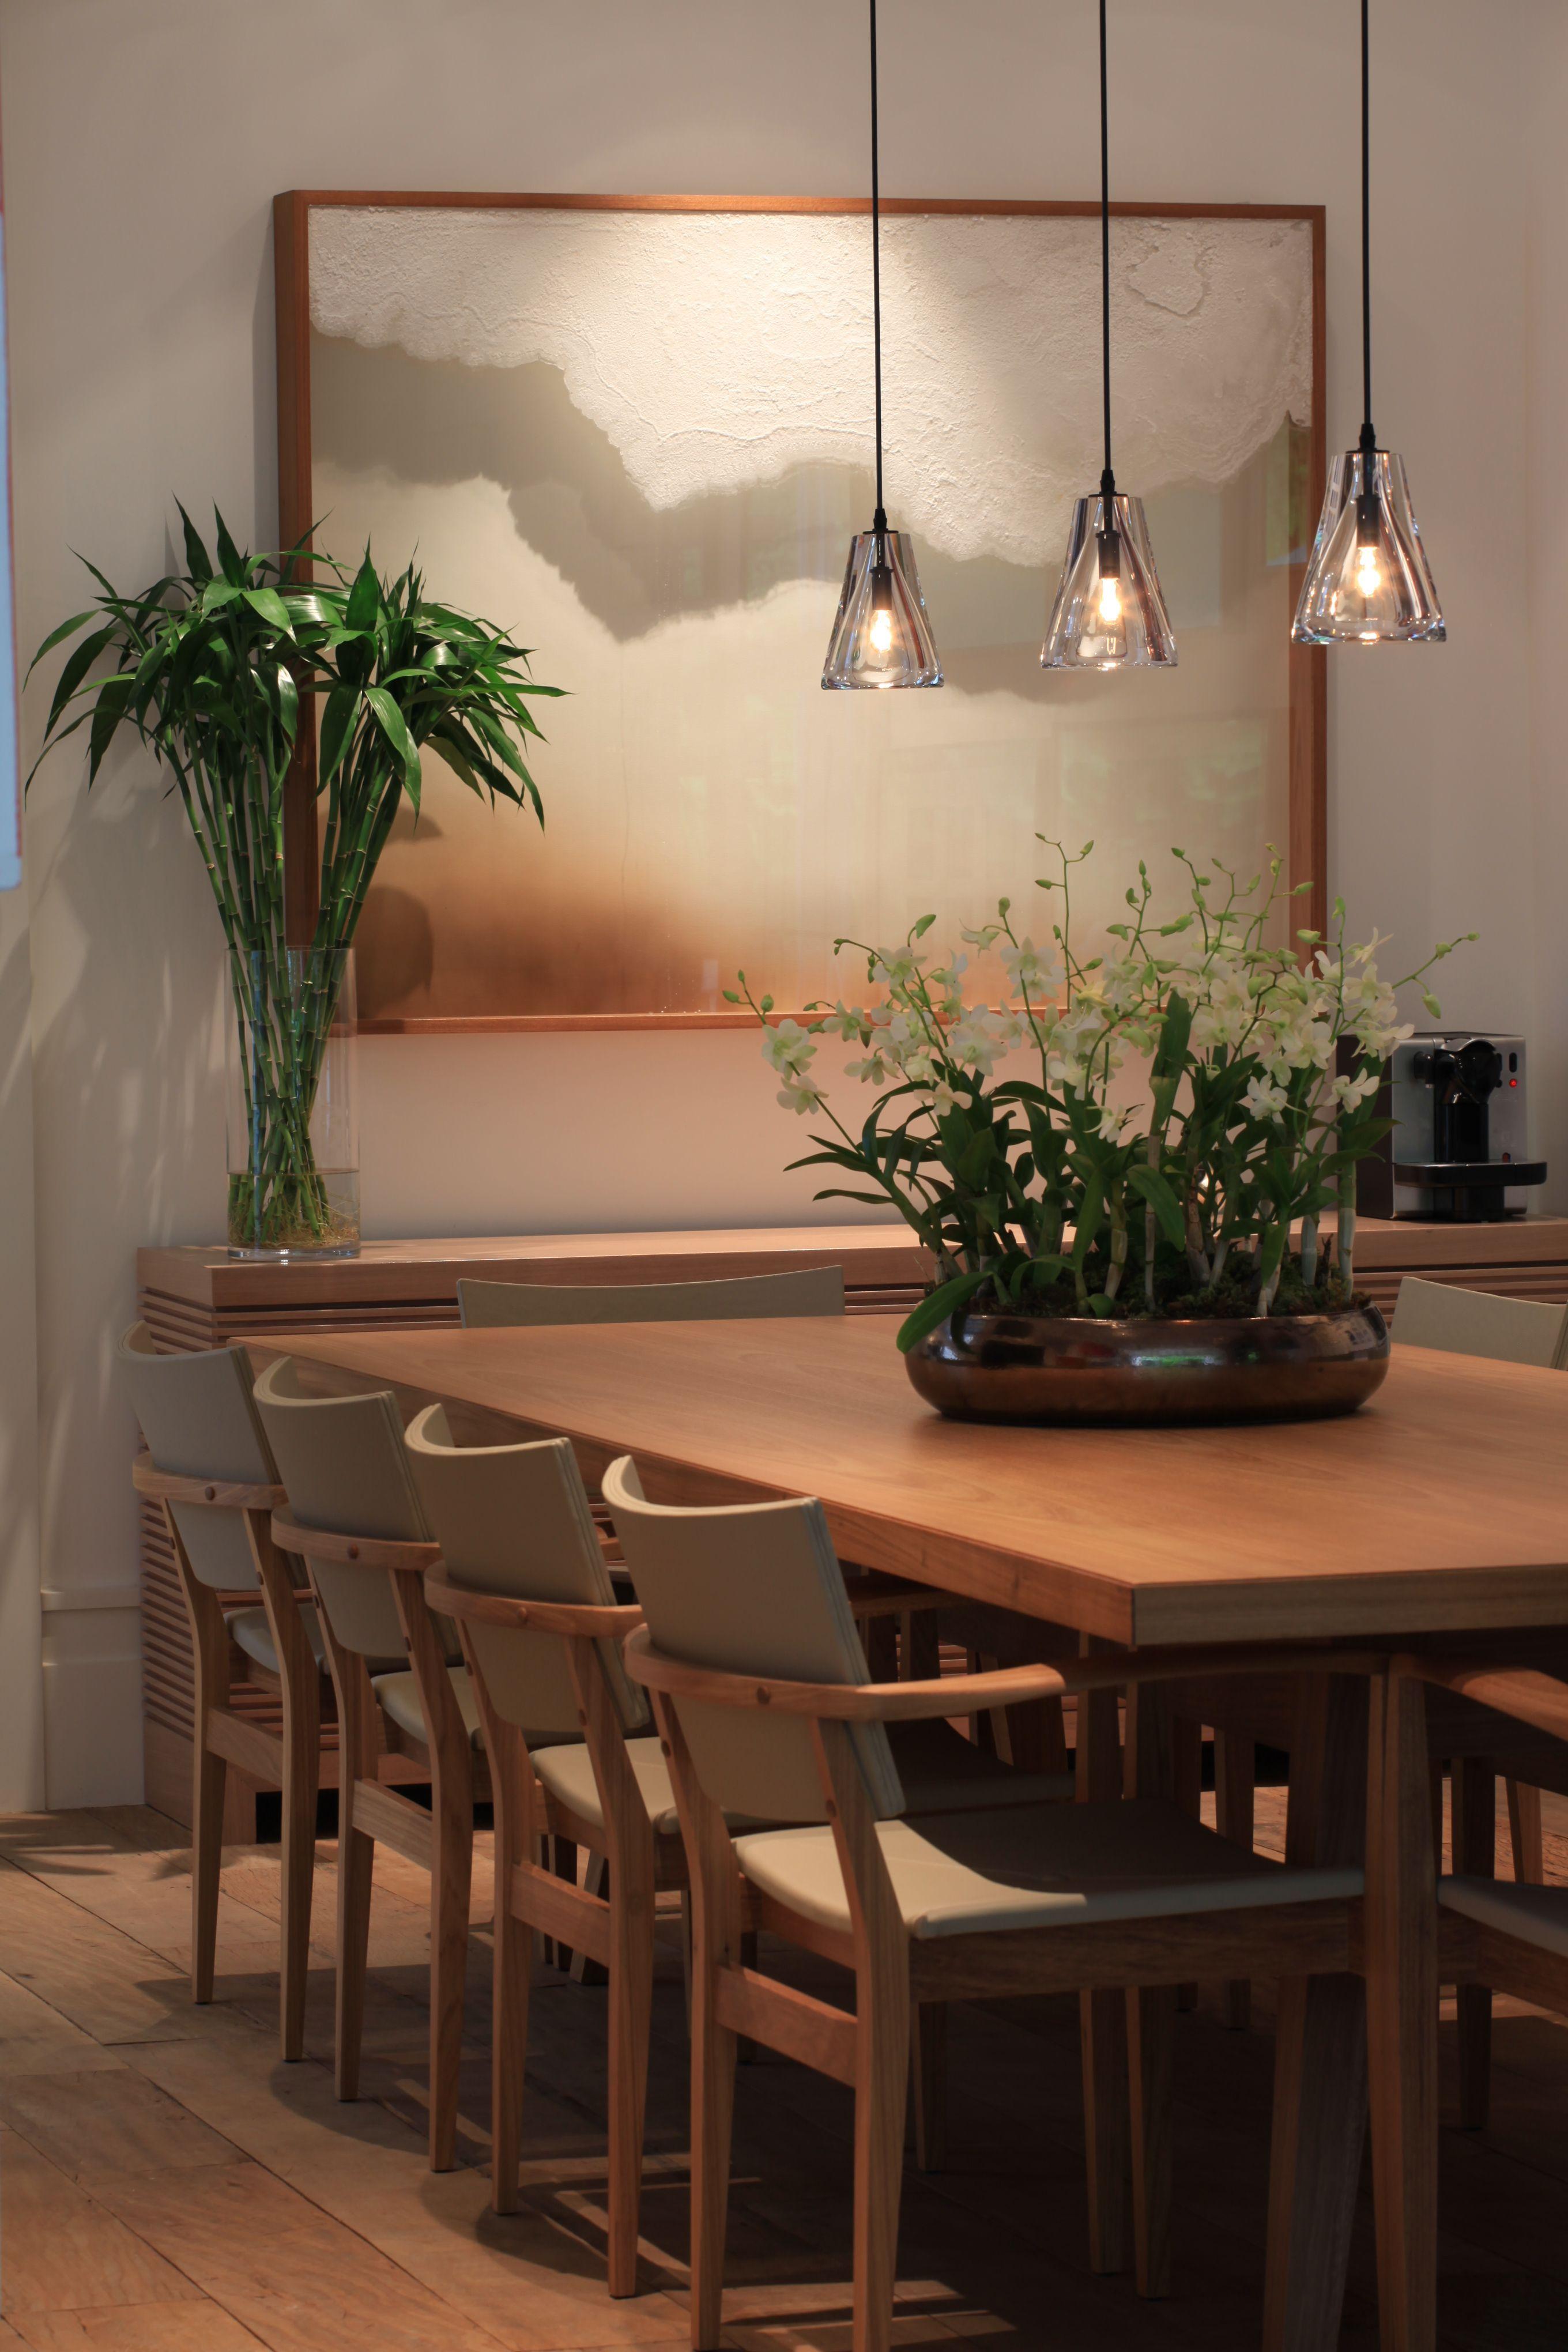 Luz sobre el cuadro y lamparas de vidrio transparente for Lamparas para apartamentos pequenos